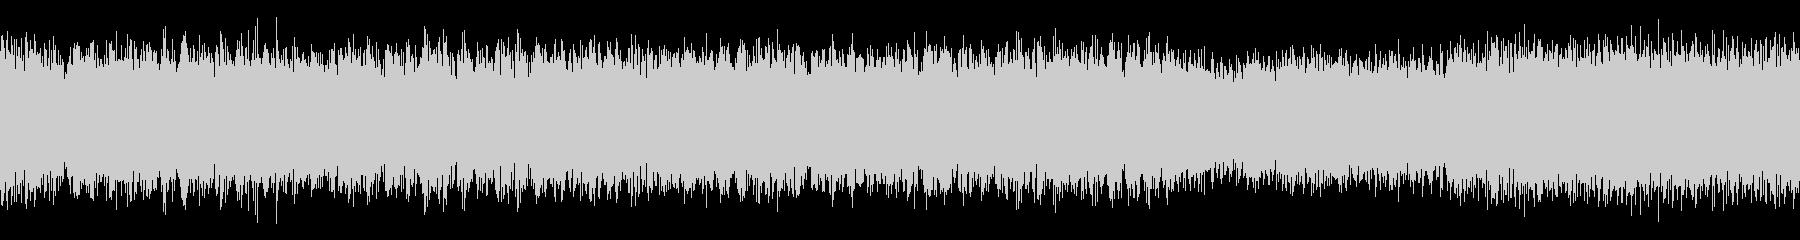 ヨガなどに、ヒーリング_ループ仕様の未再生の波形